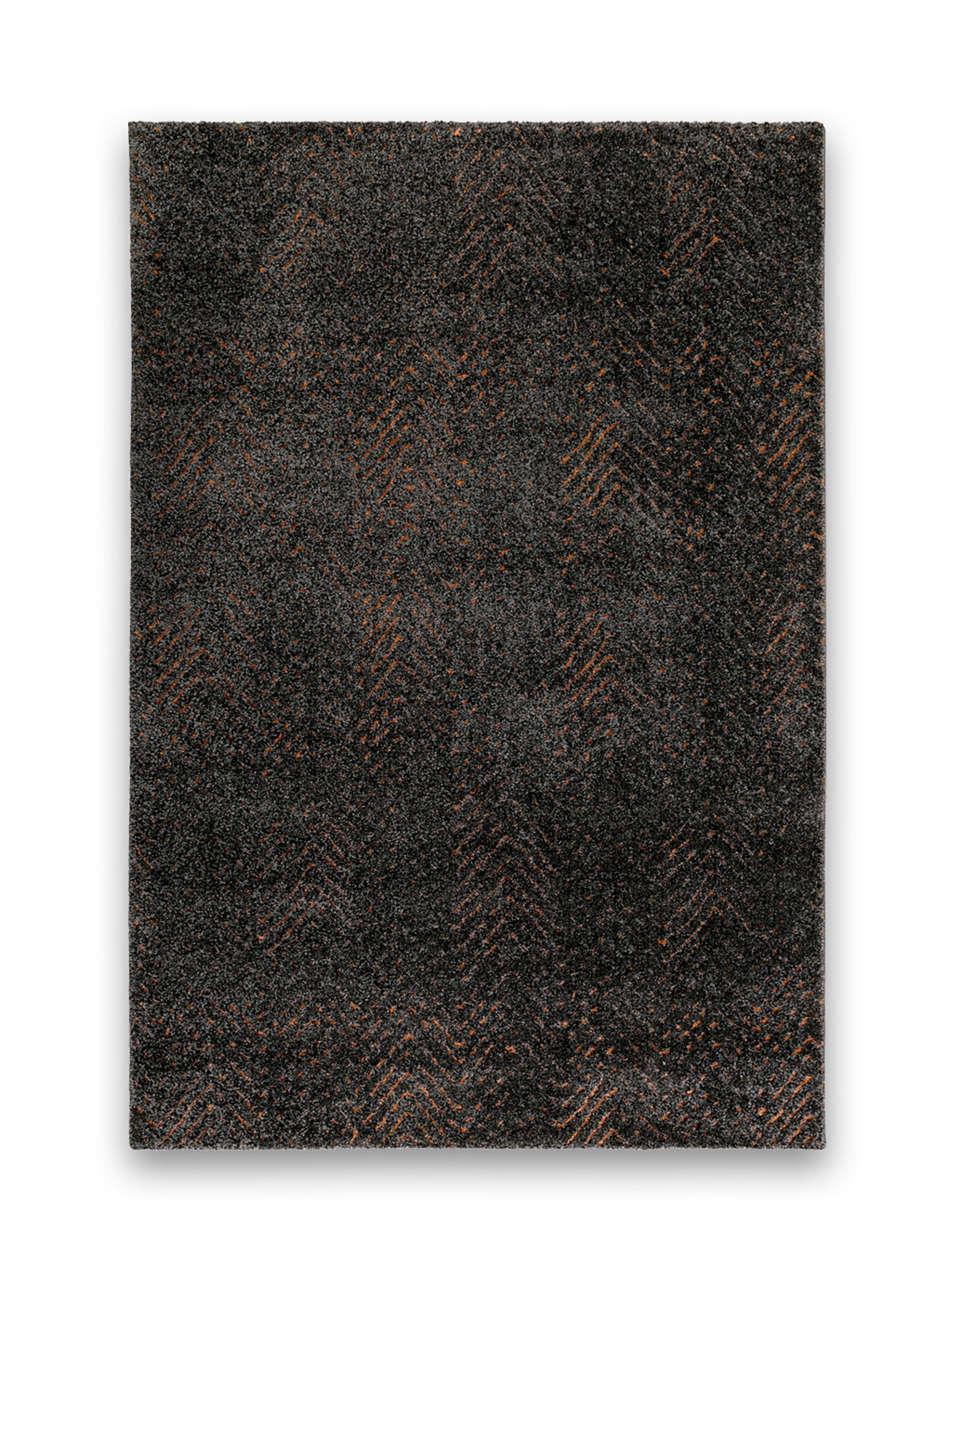 esprit teppich relief im online shop kaufen. Black Bedroom Furniture Sets. Home Design Ideas